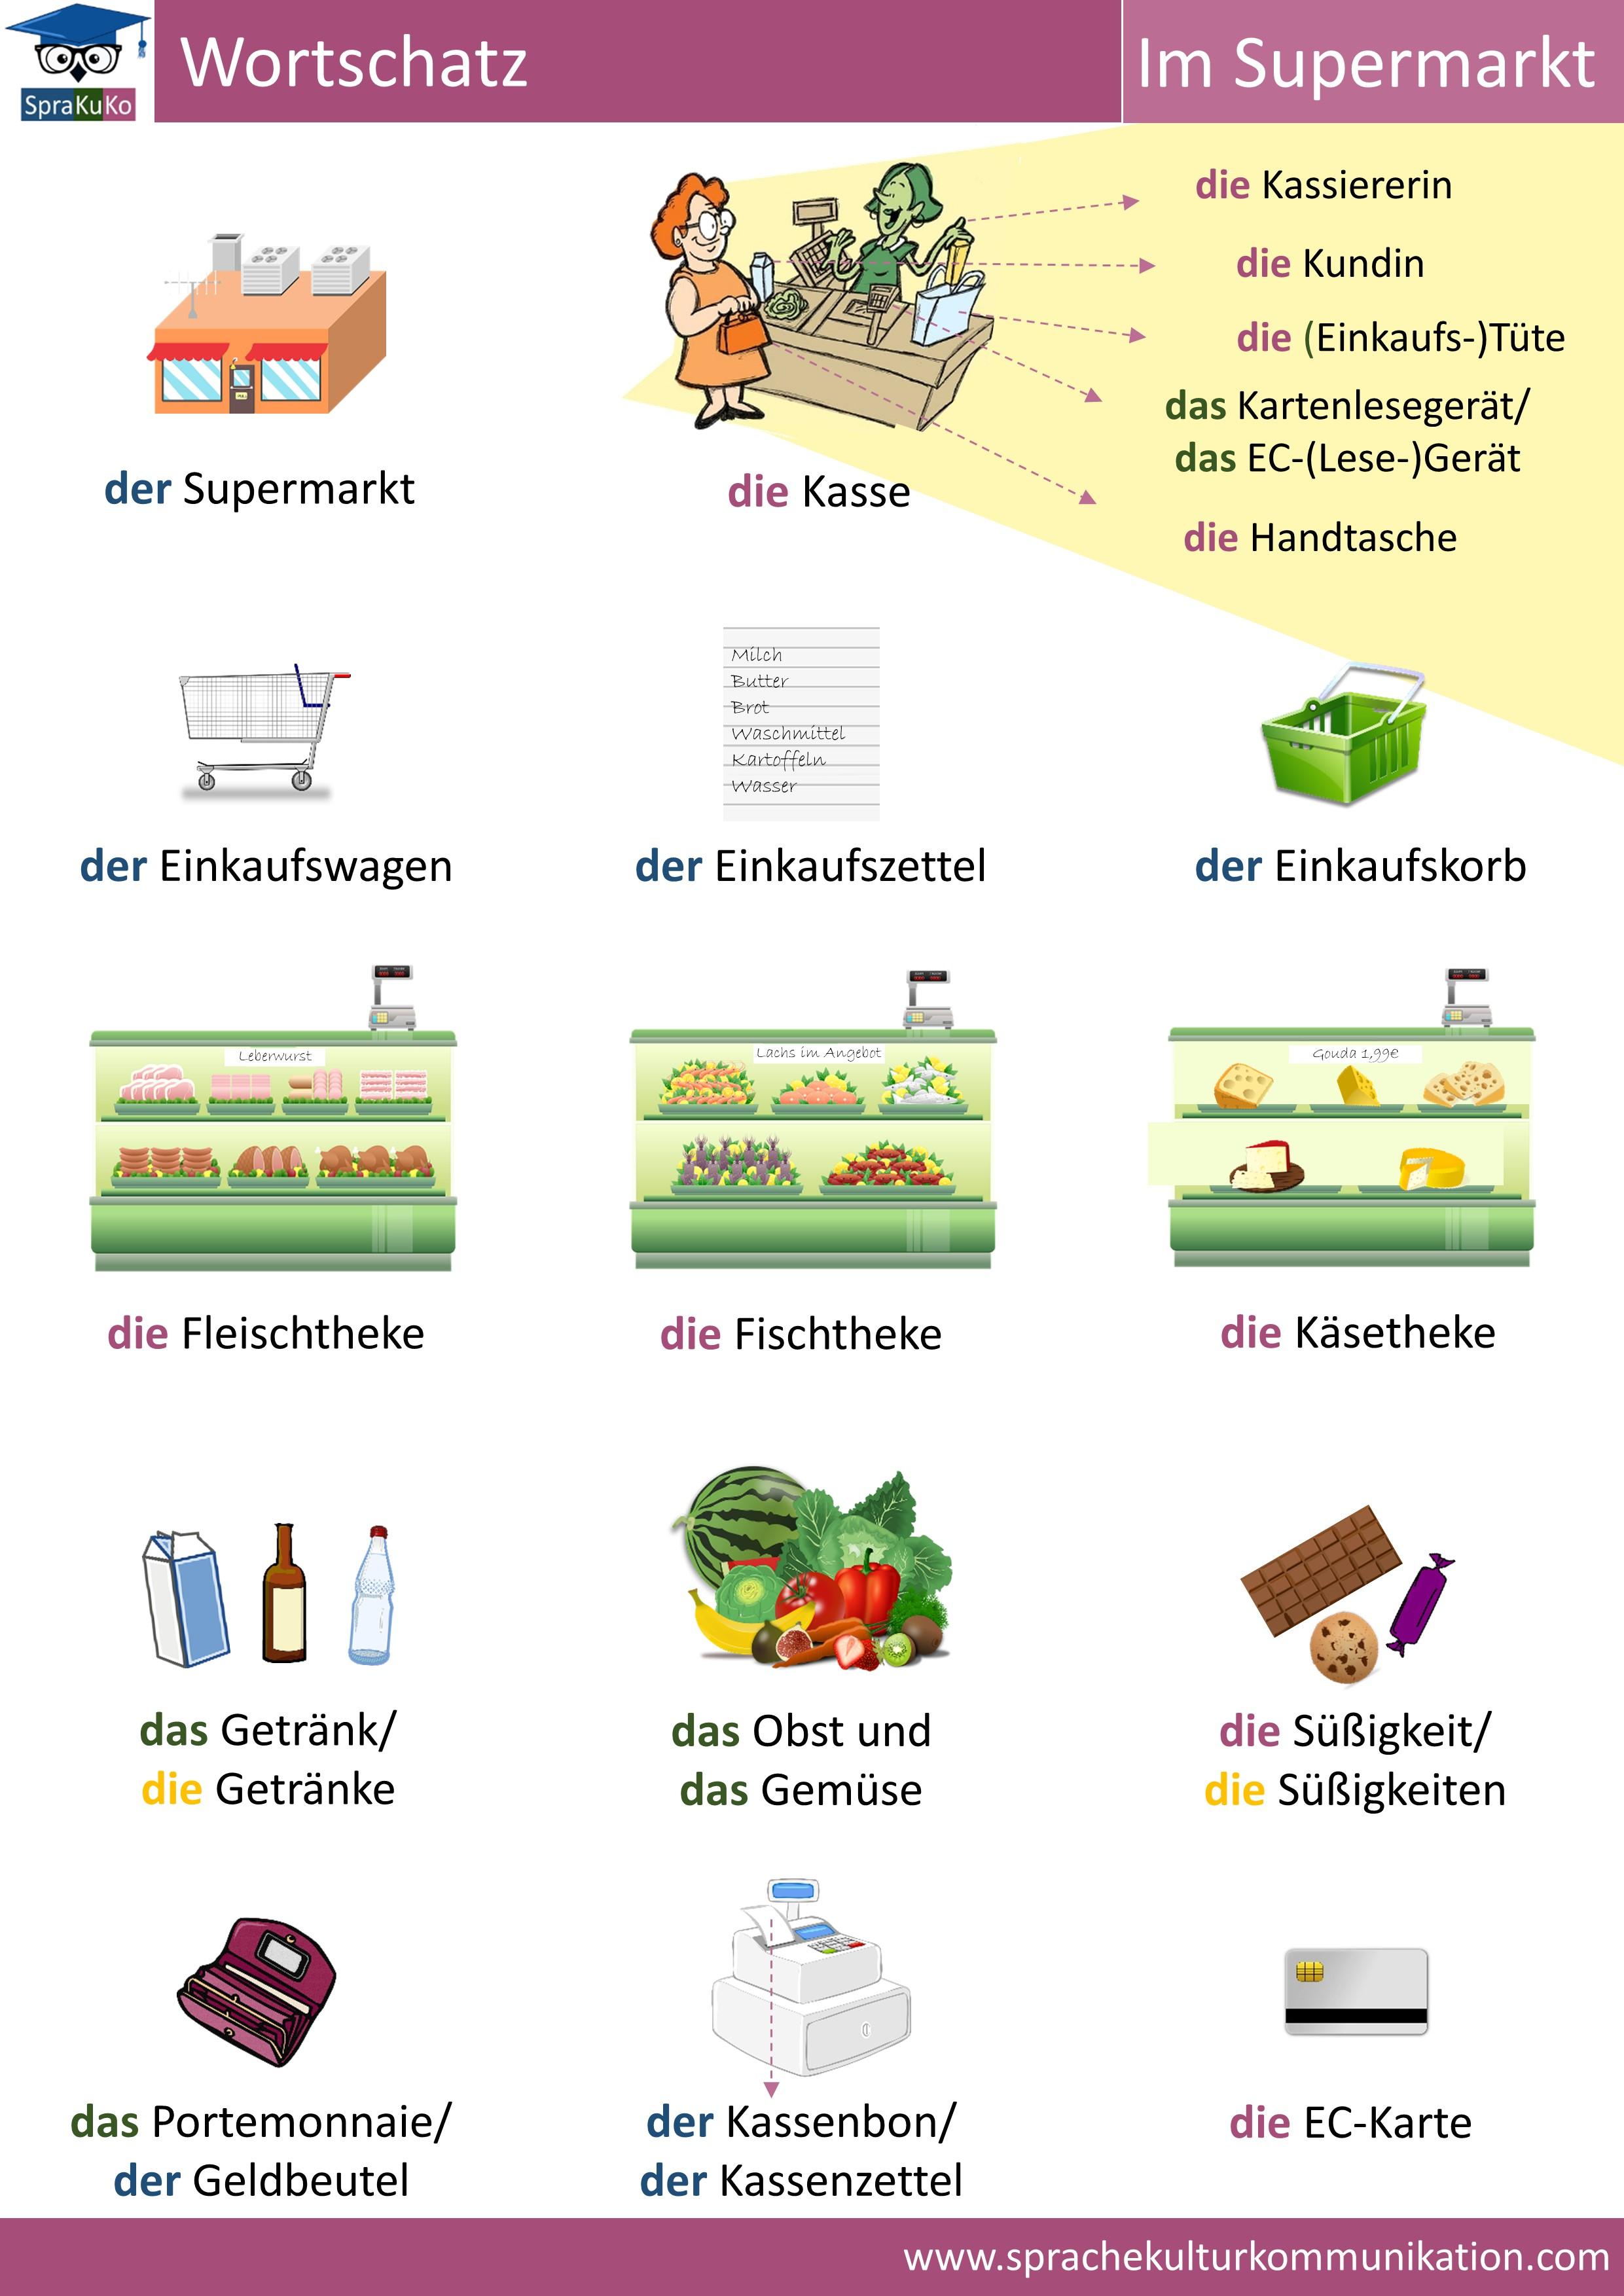 Wortschatz Im Supermarkt.jpg